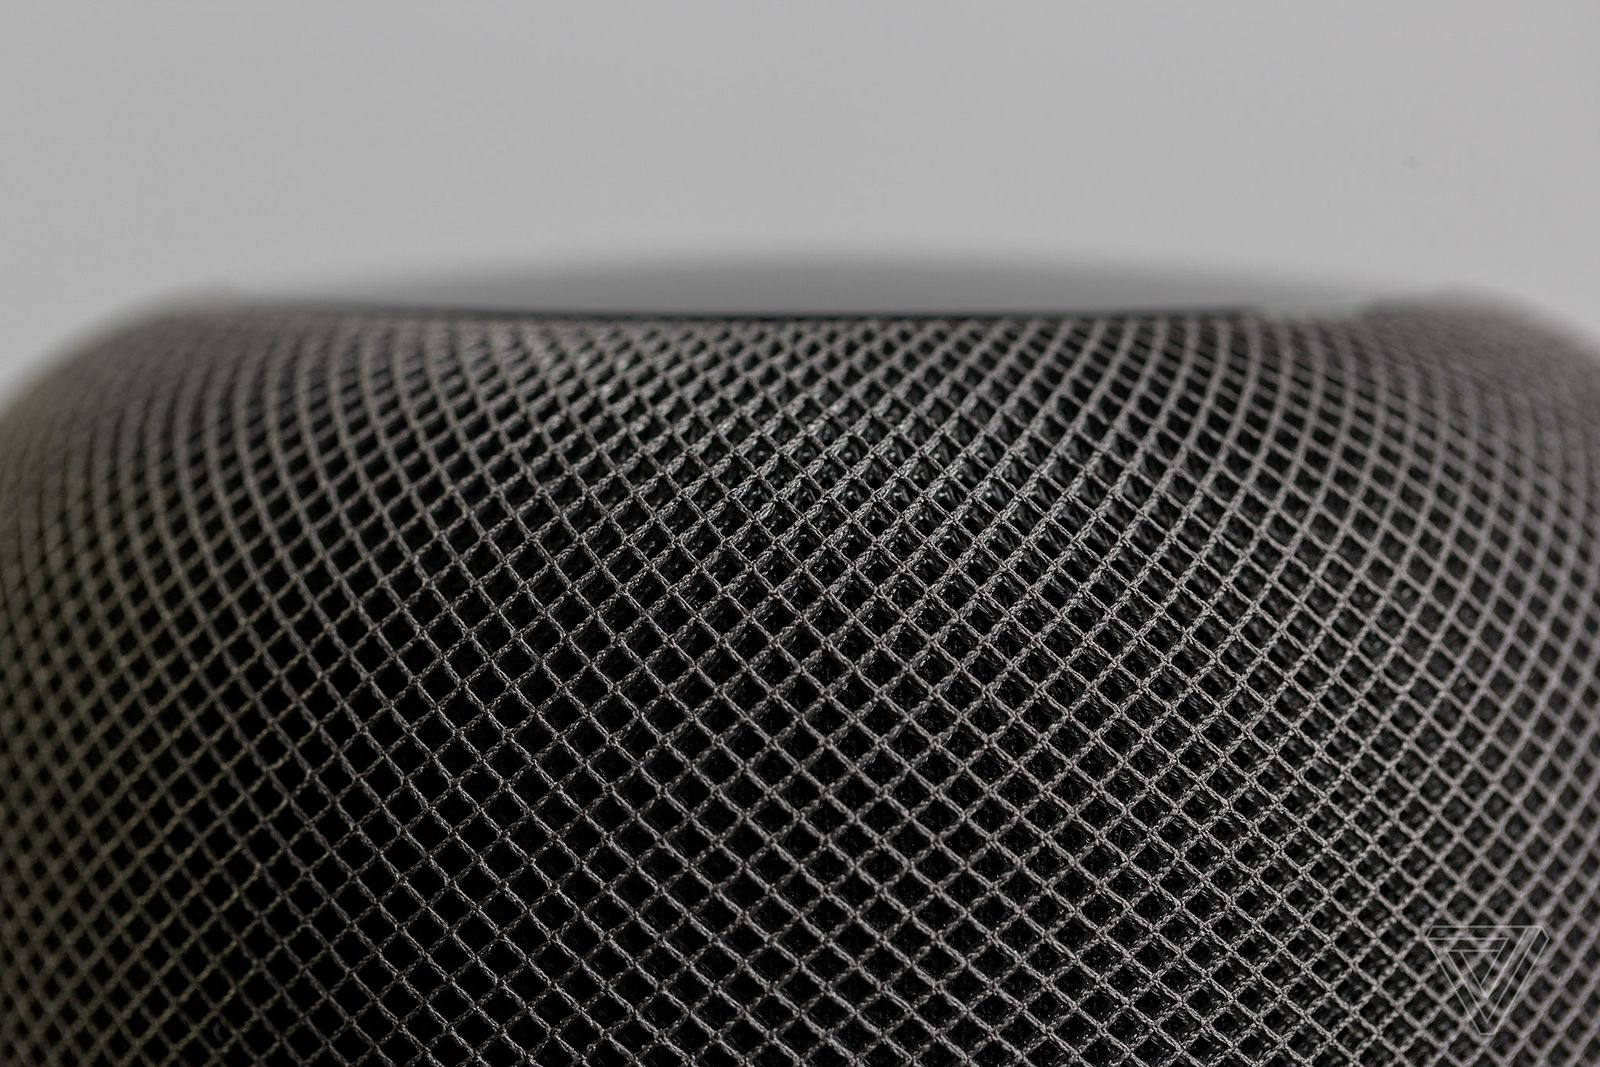 Đánh giá loa thông minh HomePod: Không thể thiếu nếu bạn là tín đồ Apple